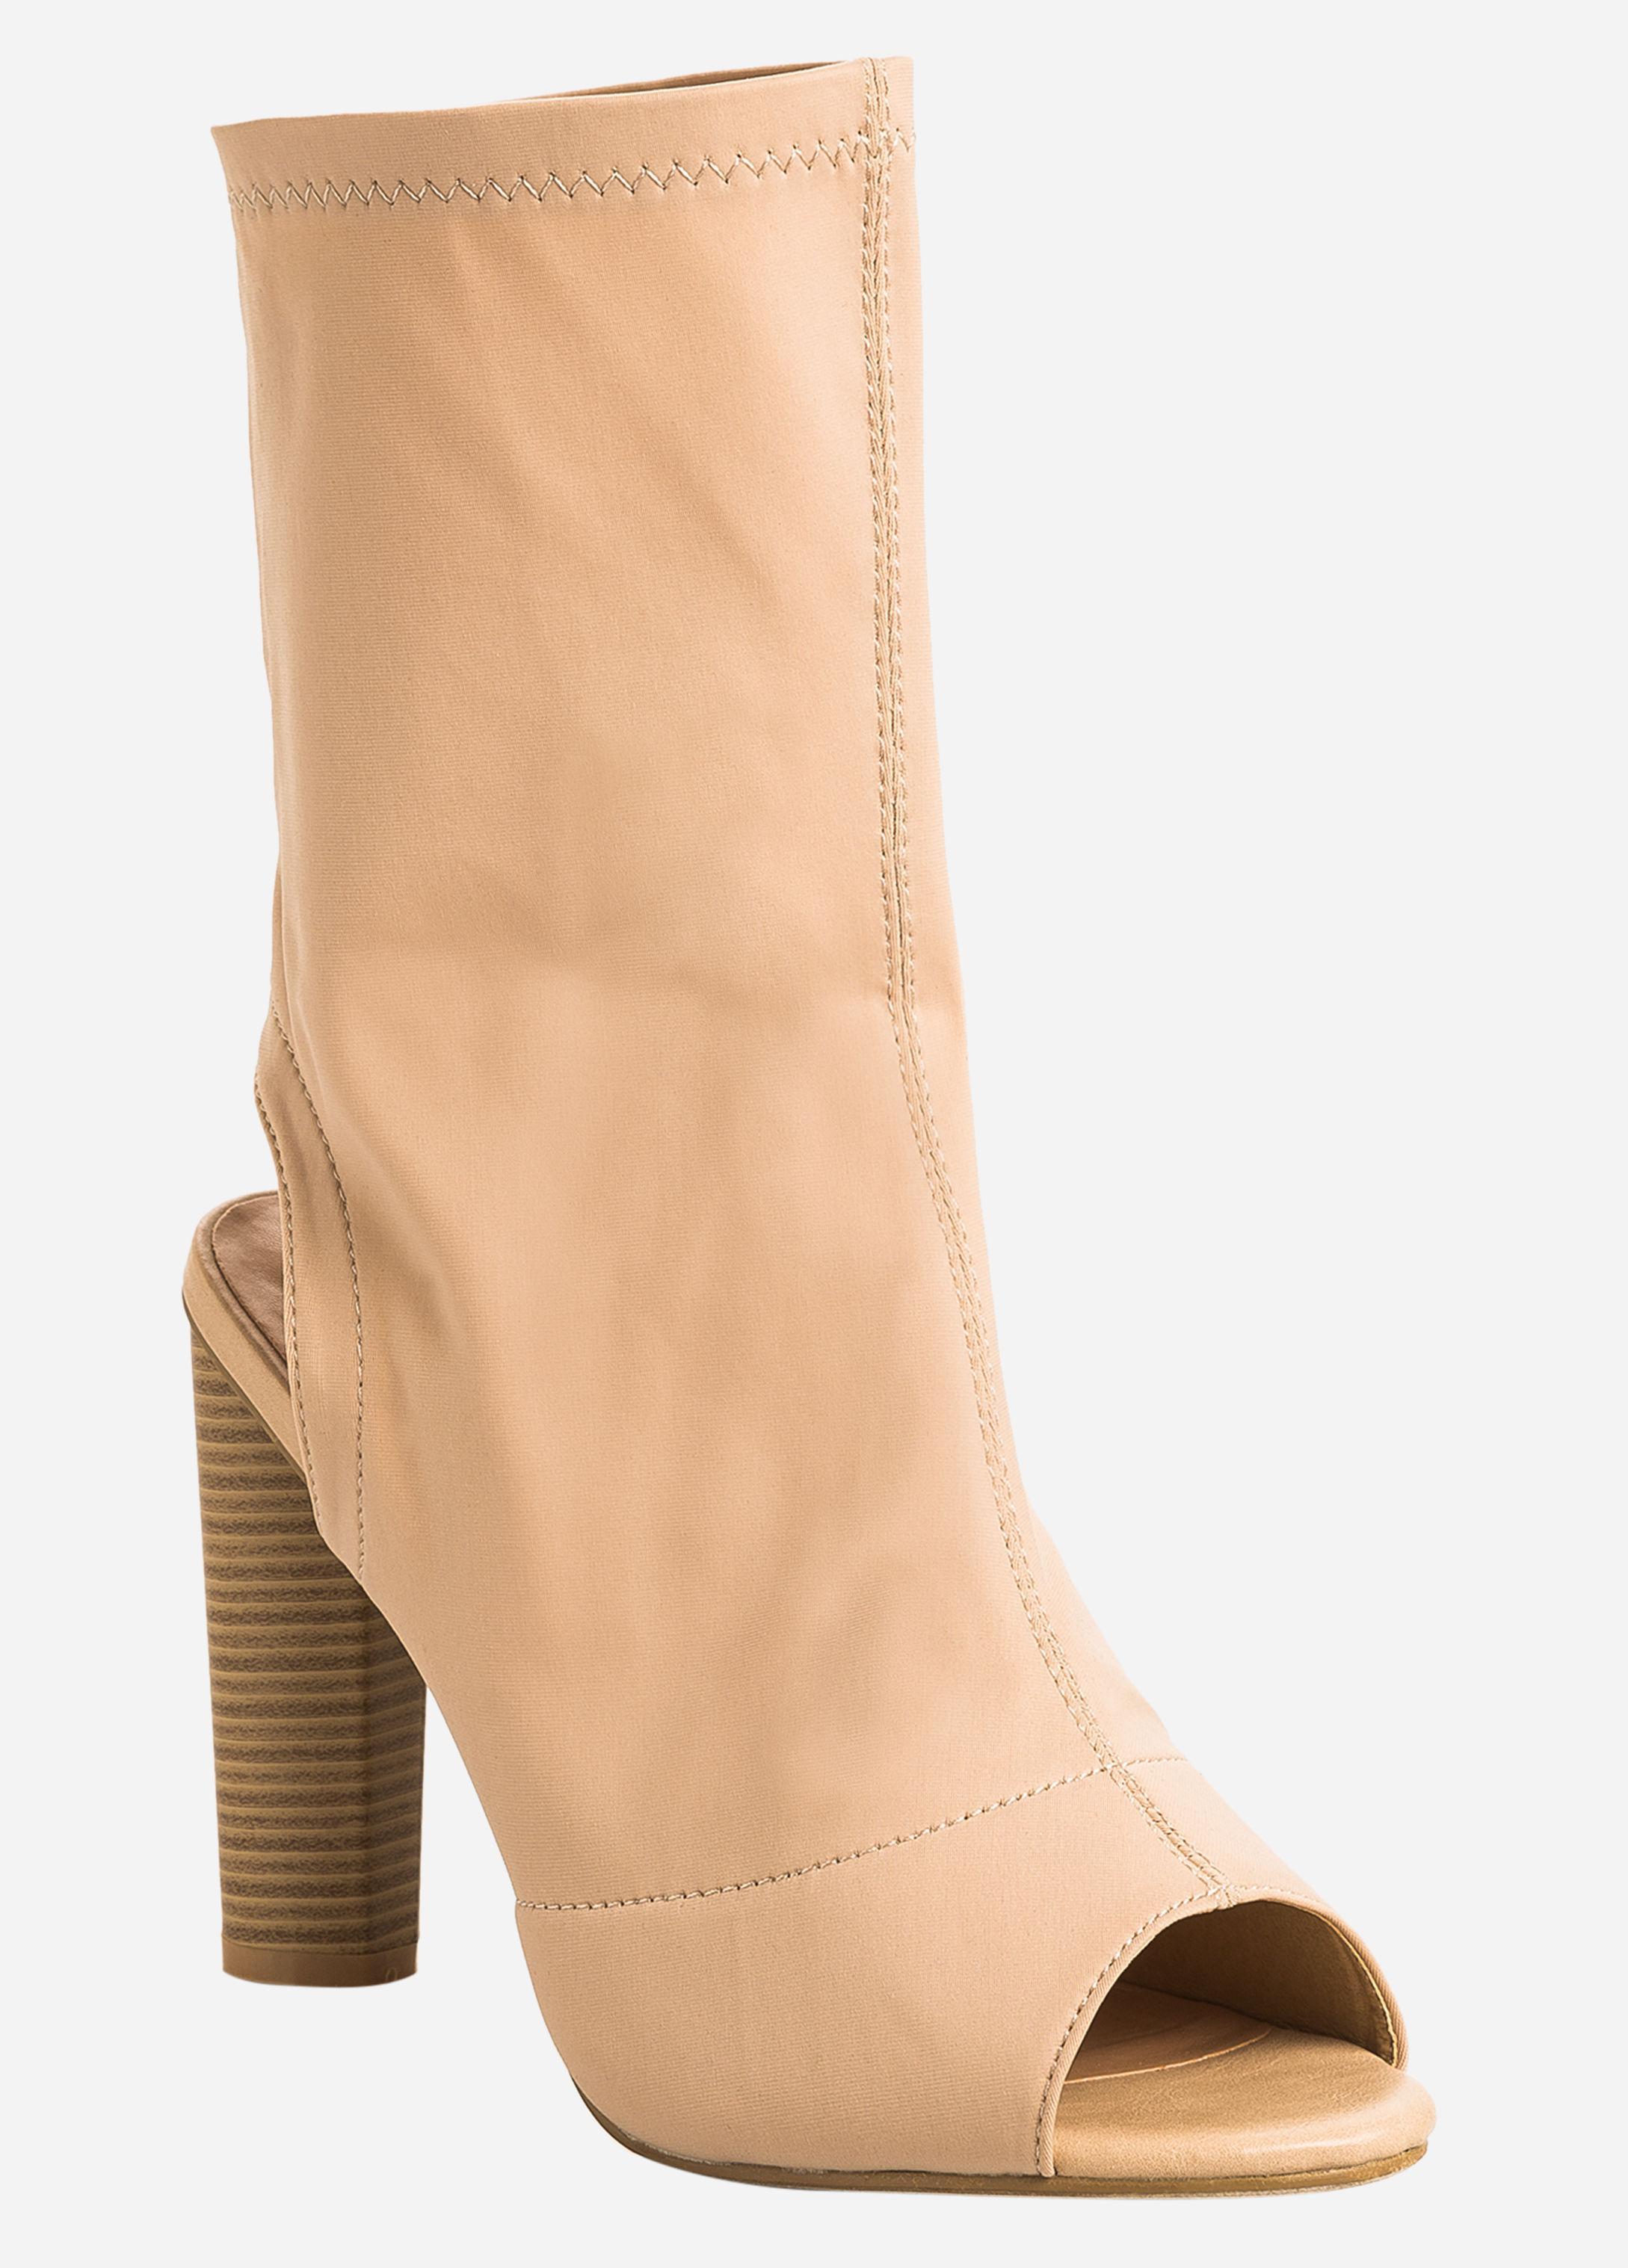 fd29e3c4b49a Lyst - Ashley Stewart Heel Cutout Open Toe Booties - Wide Width